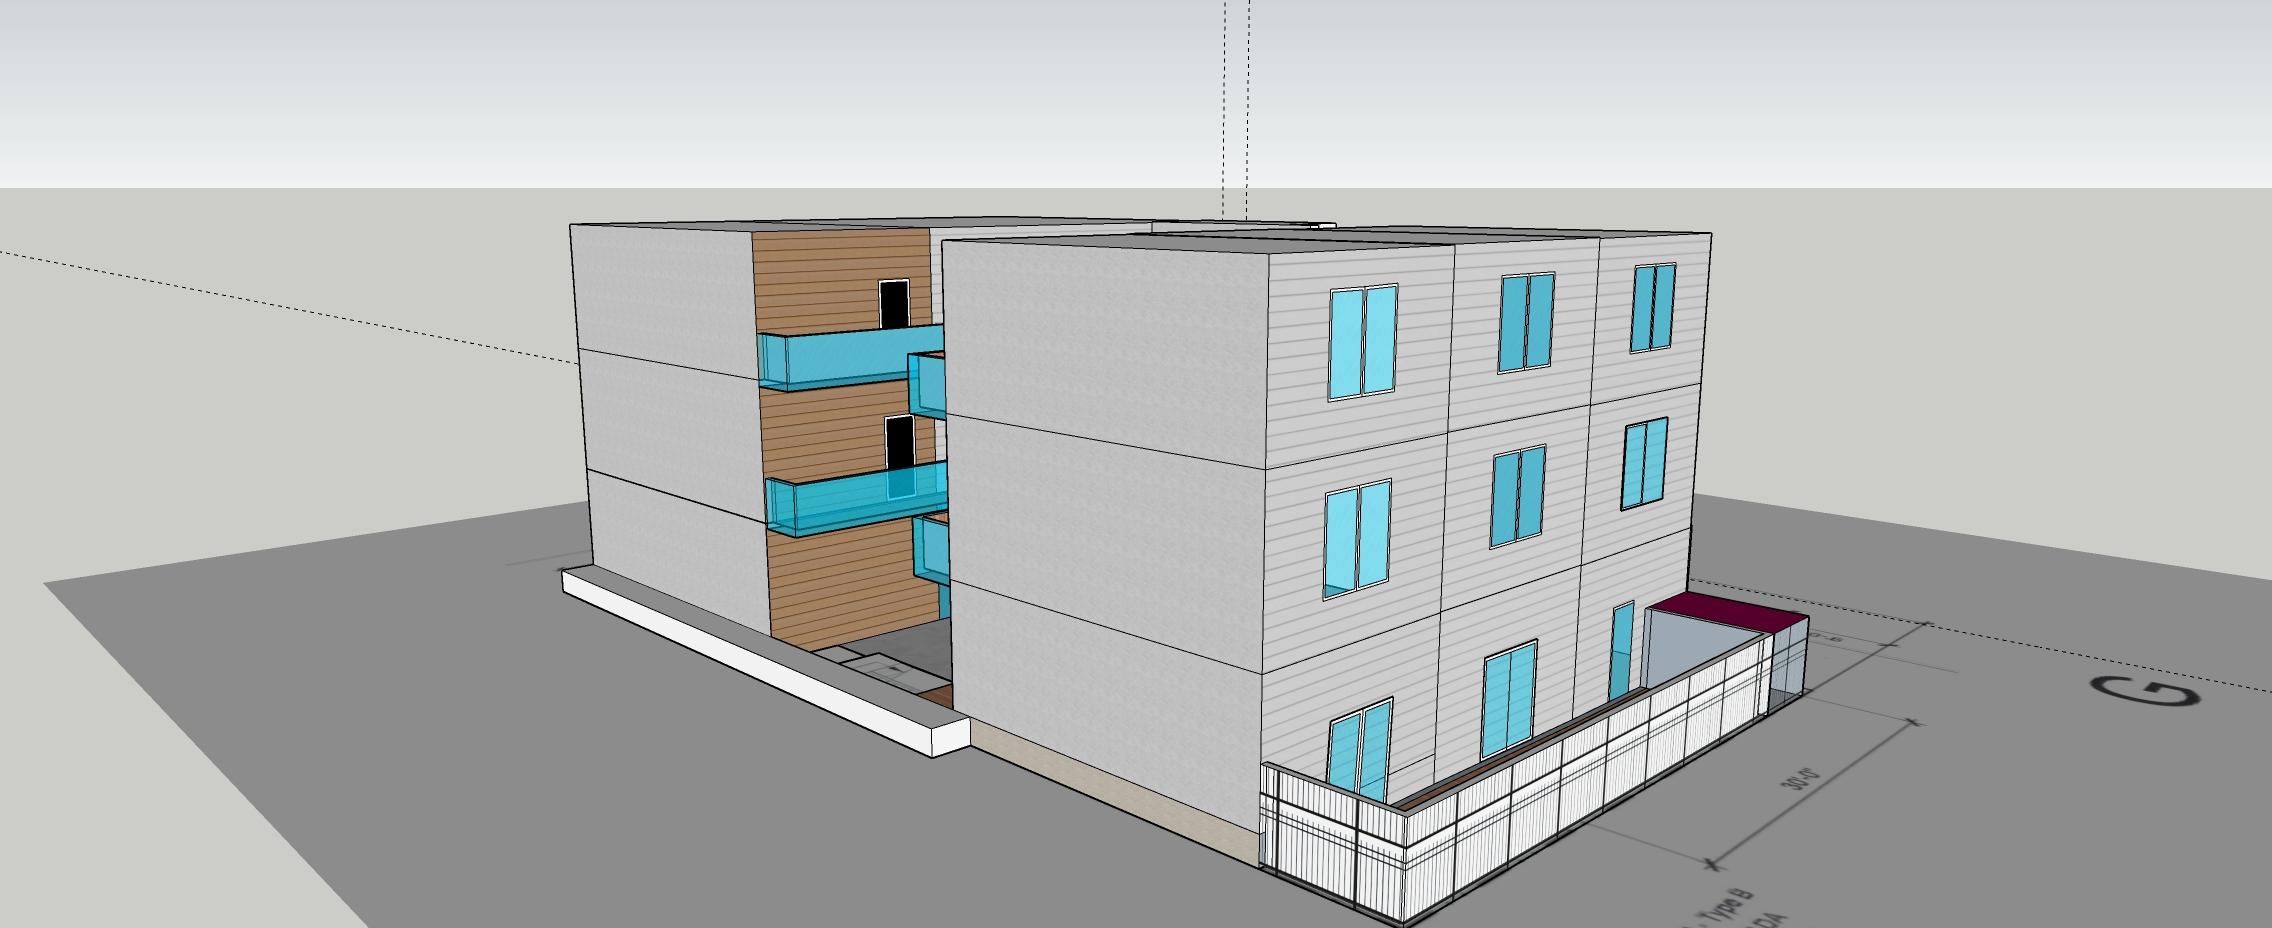 18th street rendering SV.JPG